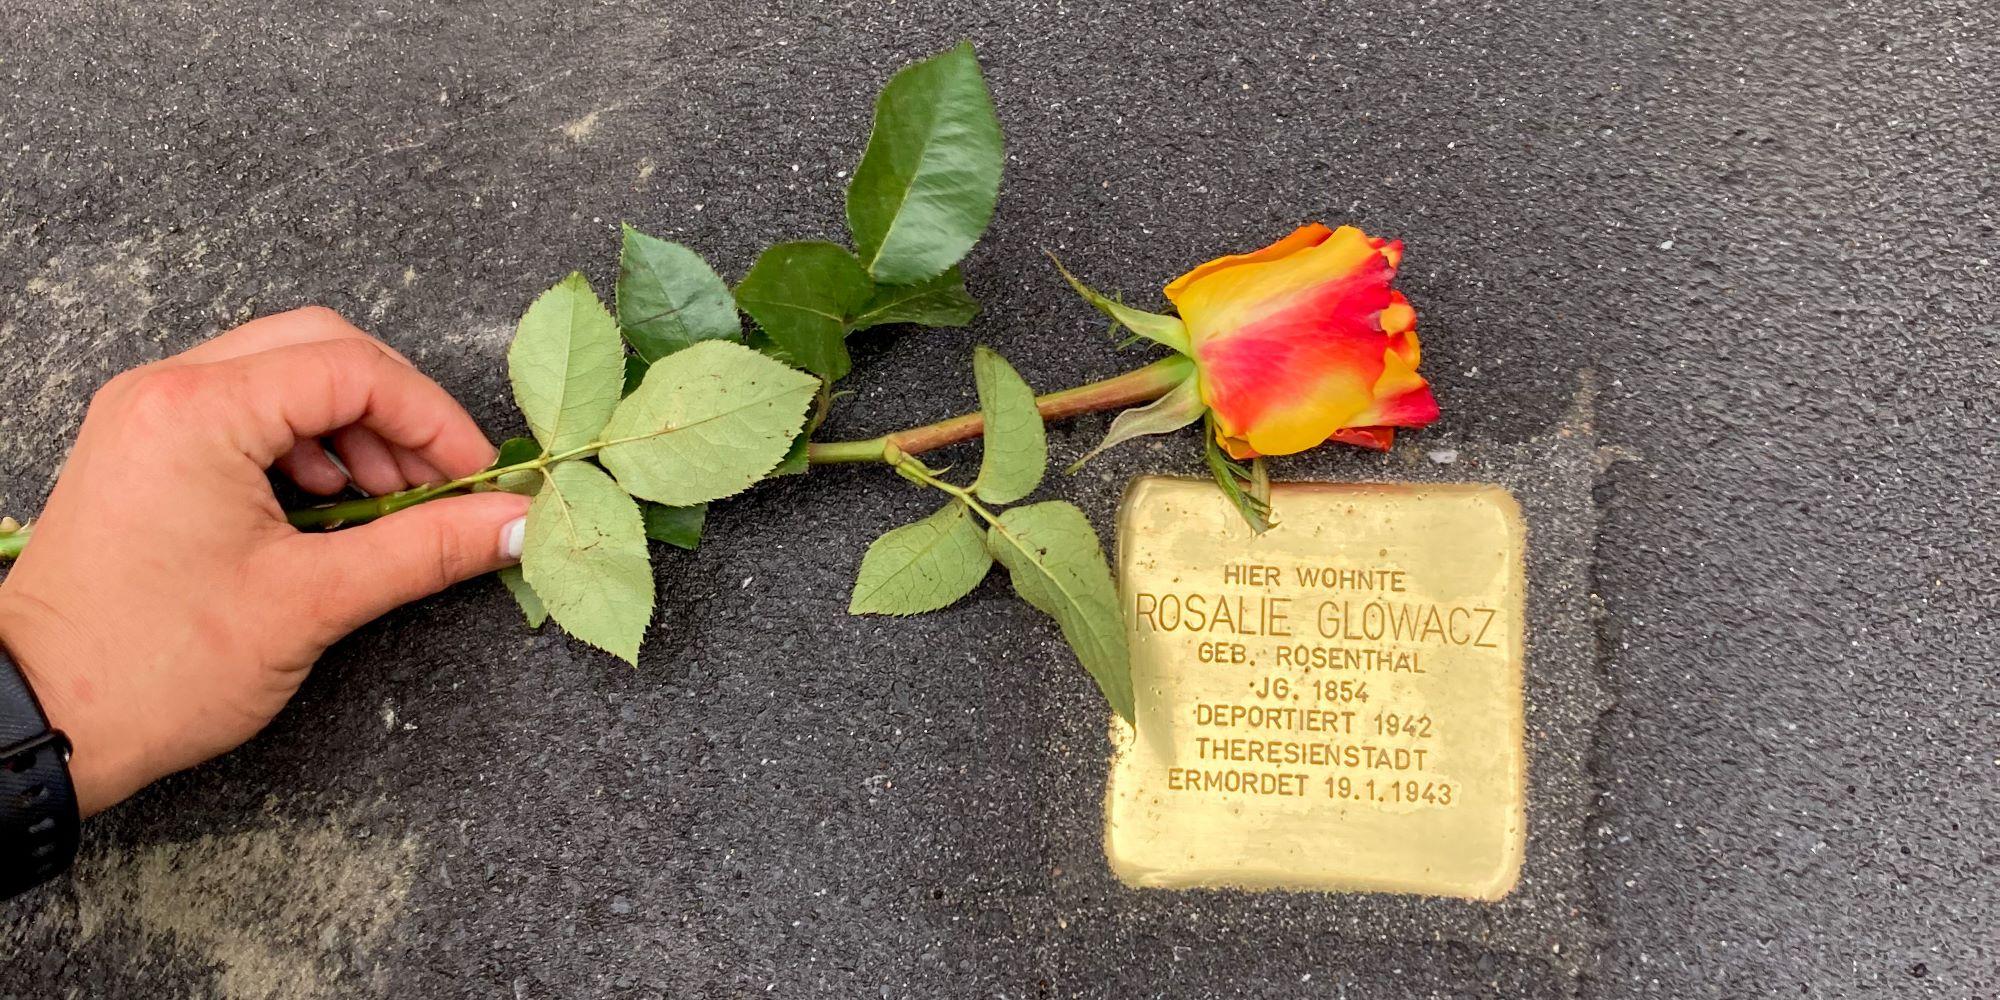 Zwei weitere Stolpersteine an Dorstfelds Straßen